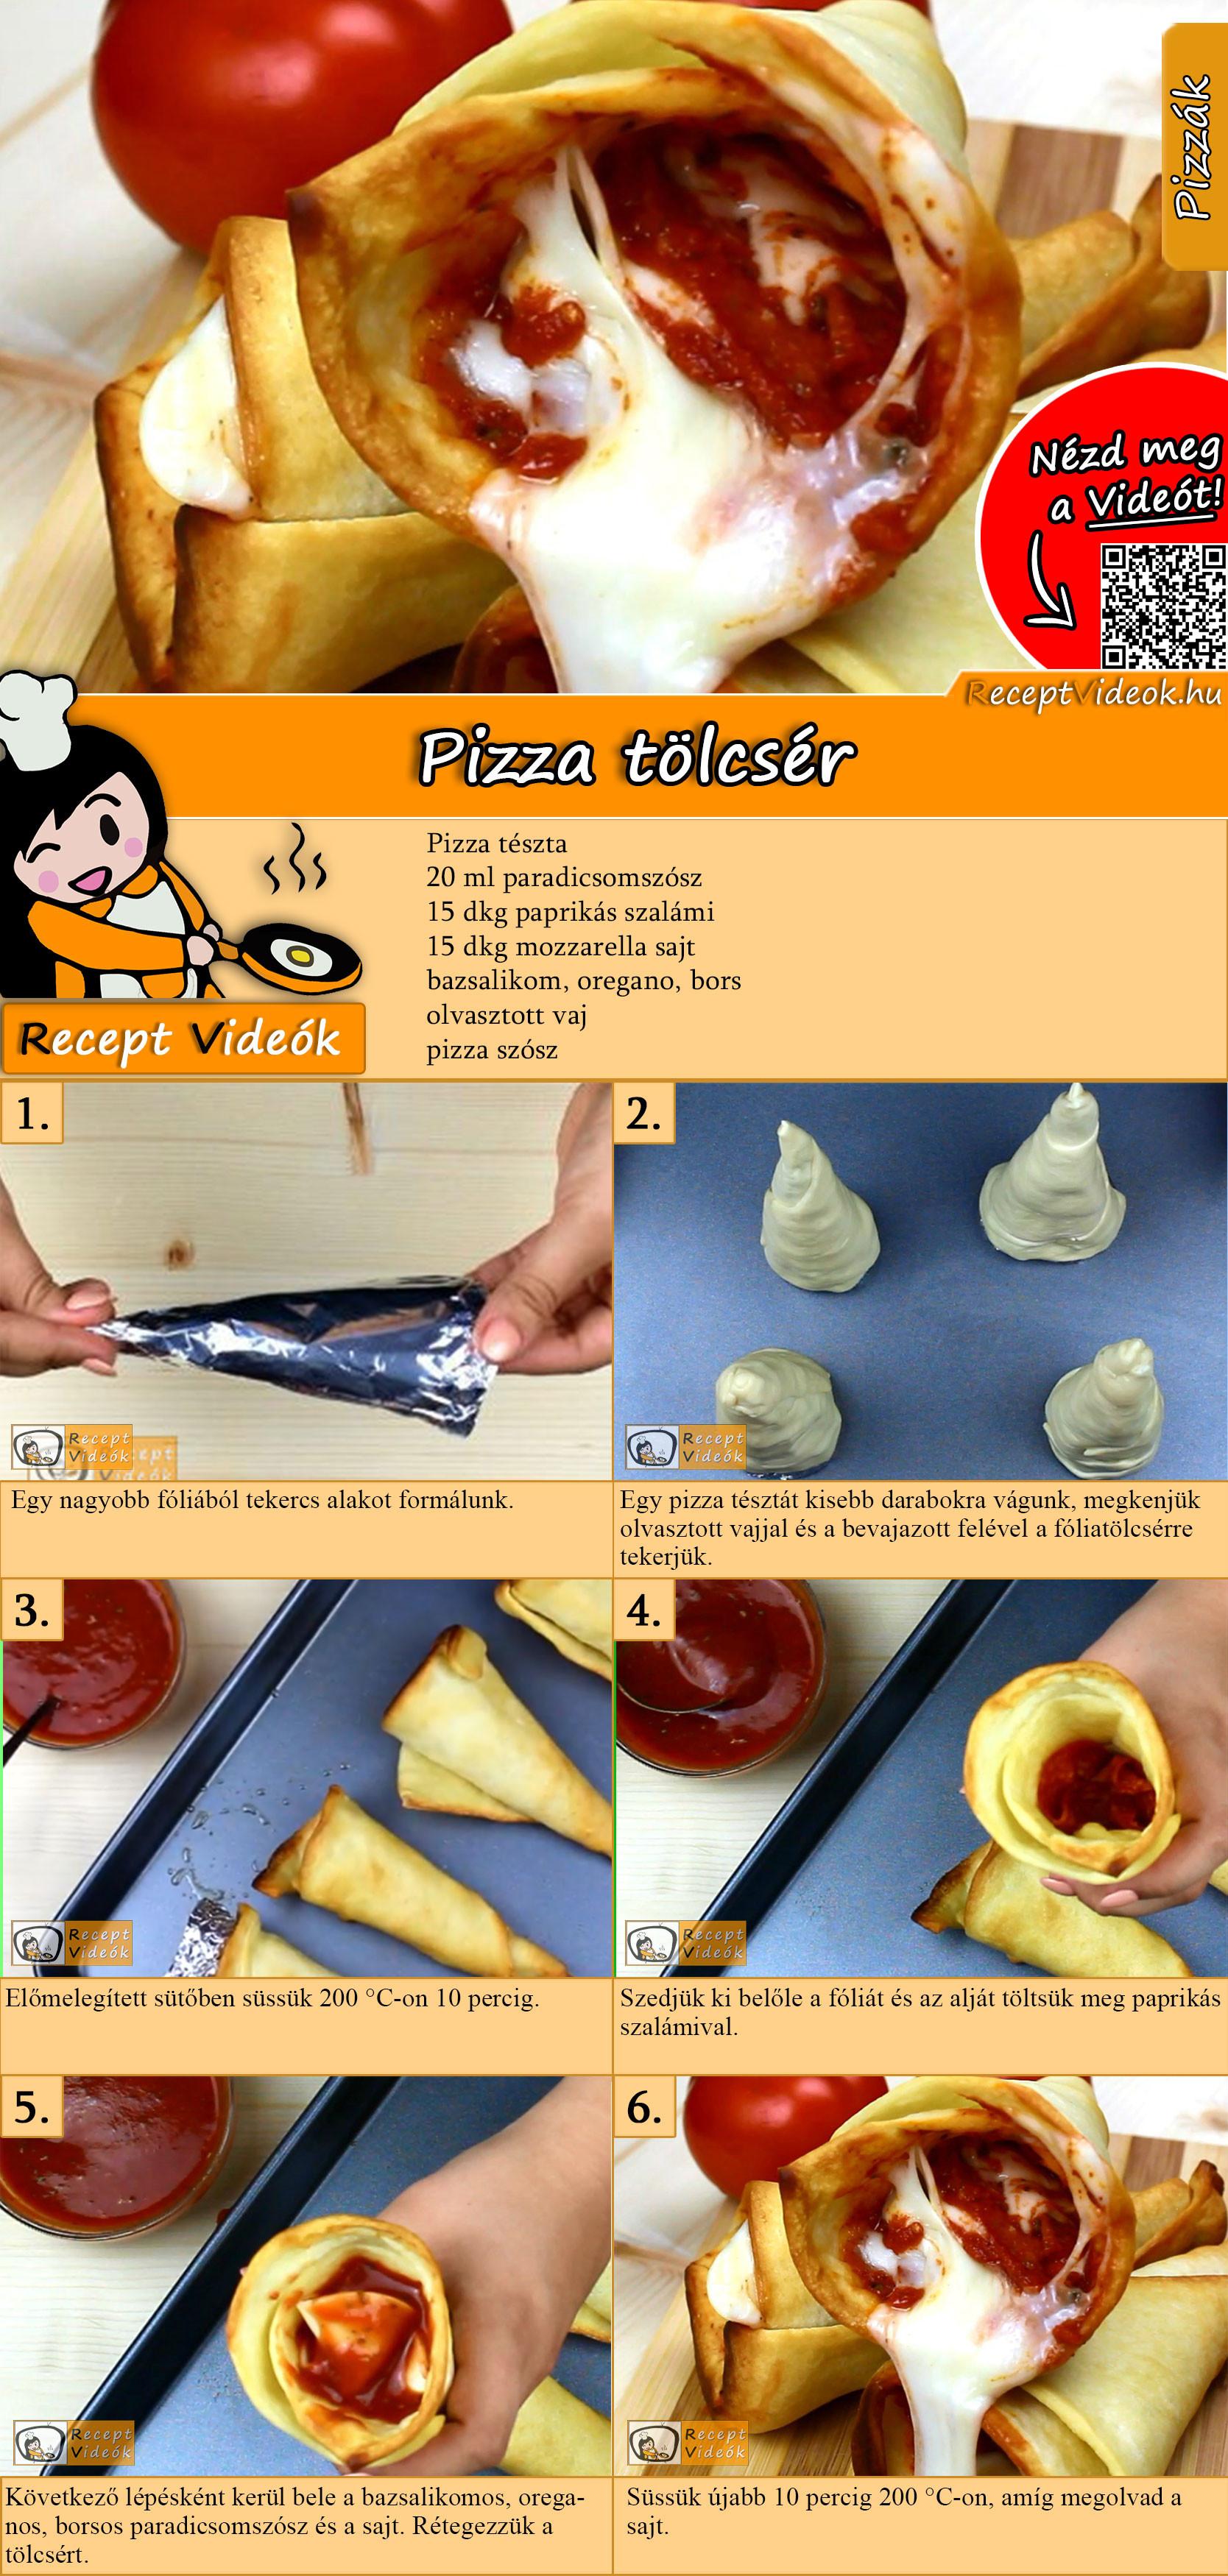 Pizza tölcsér recept elkészítése videóval